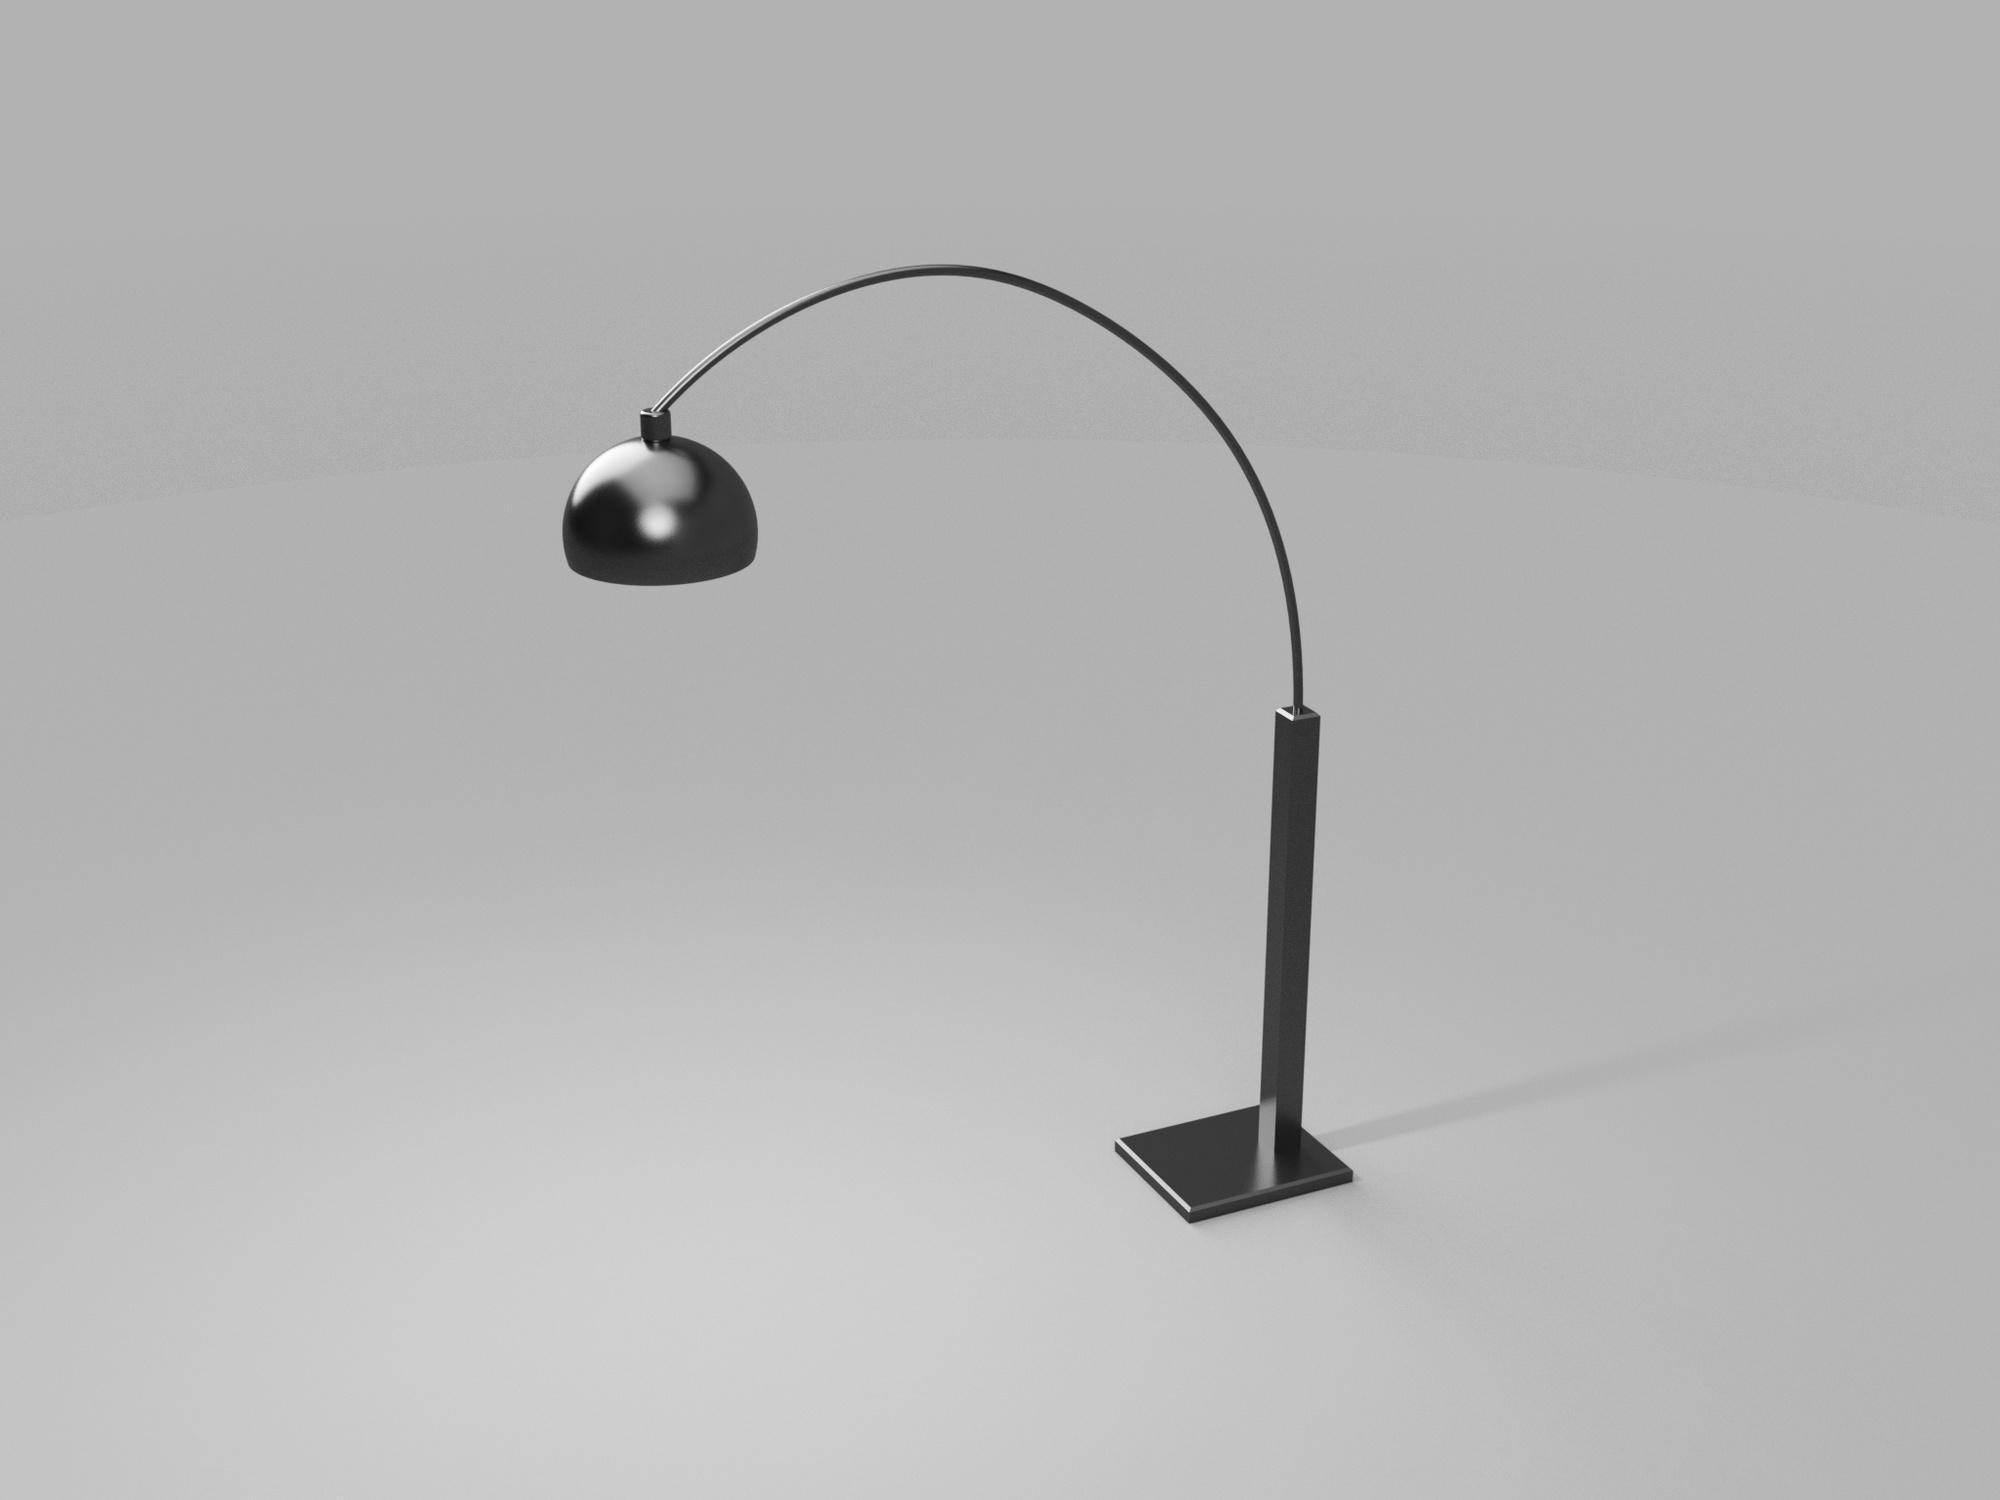 Raas-rendering20151126-20524-1itzak9